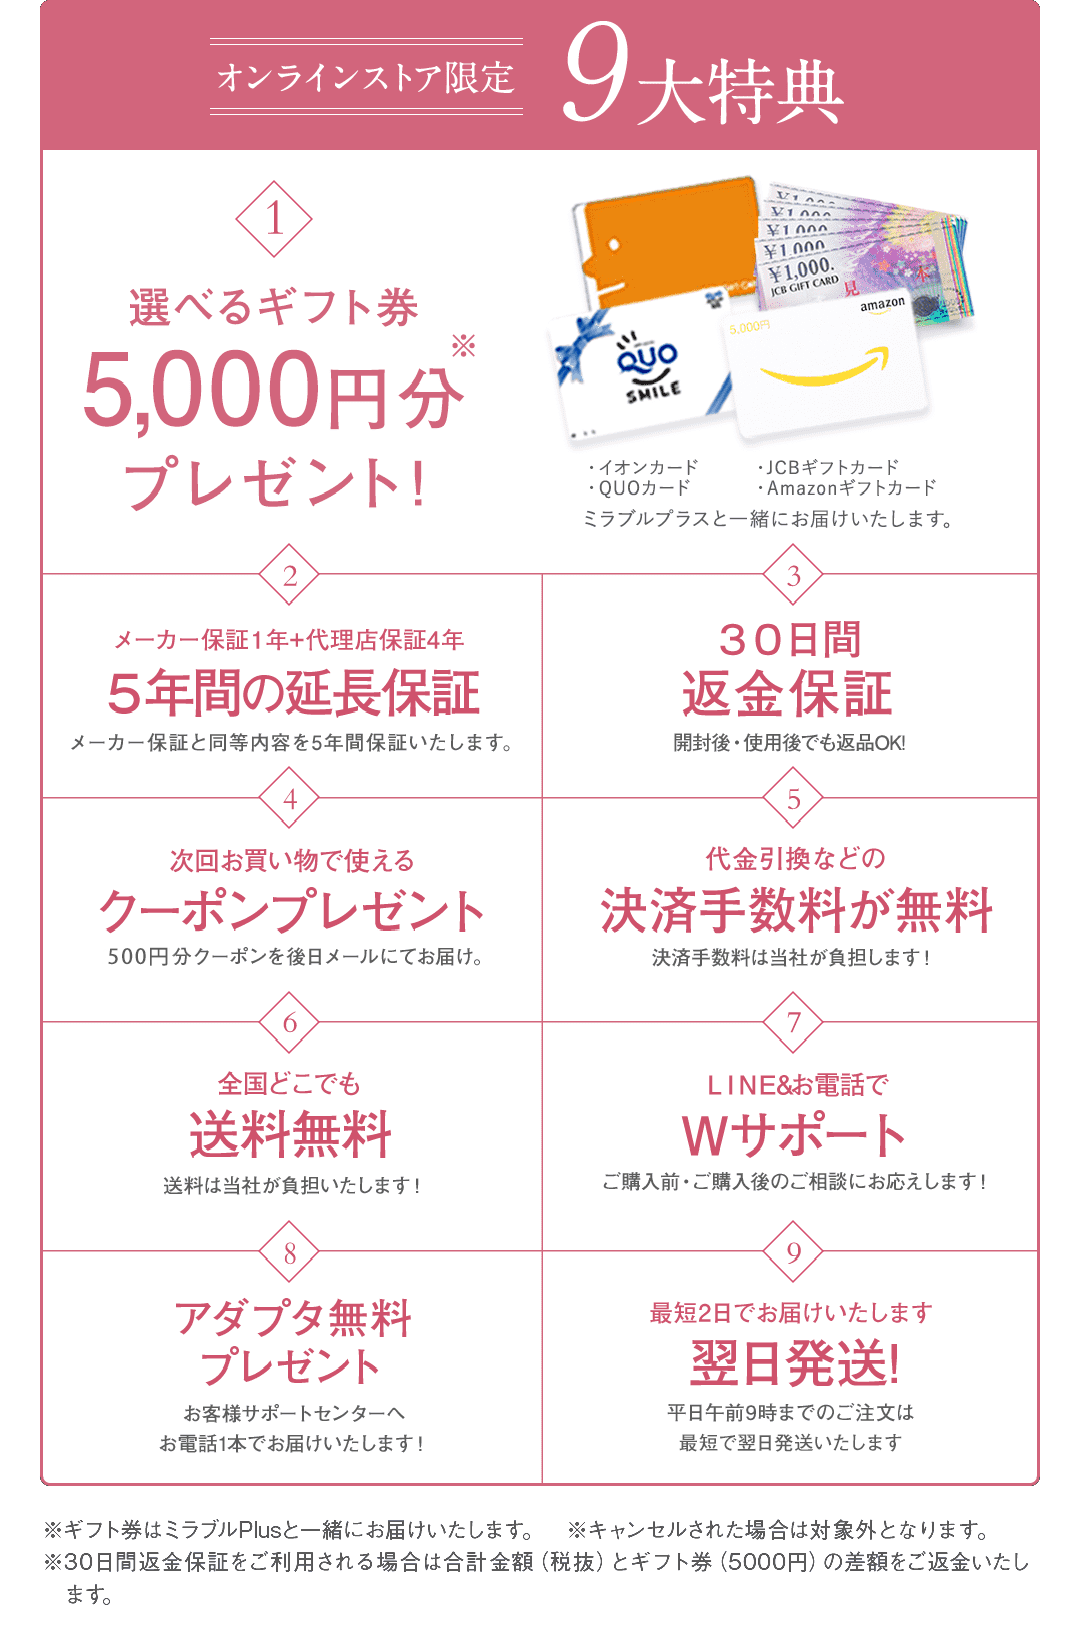 選べるギフト券5000円分など9大特典